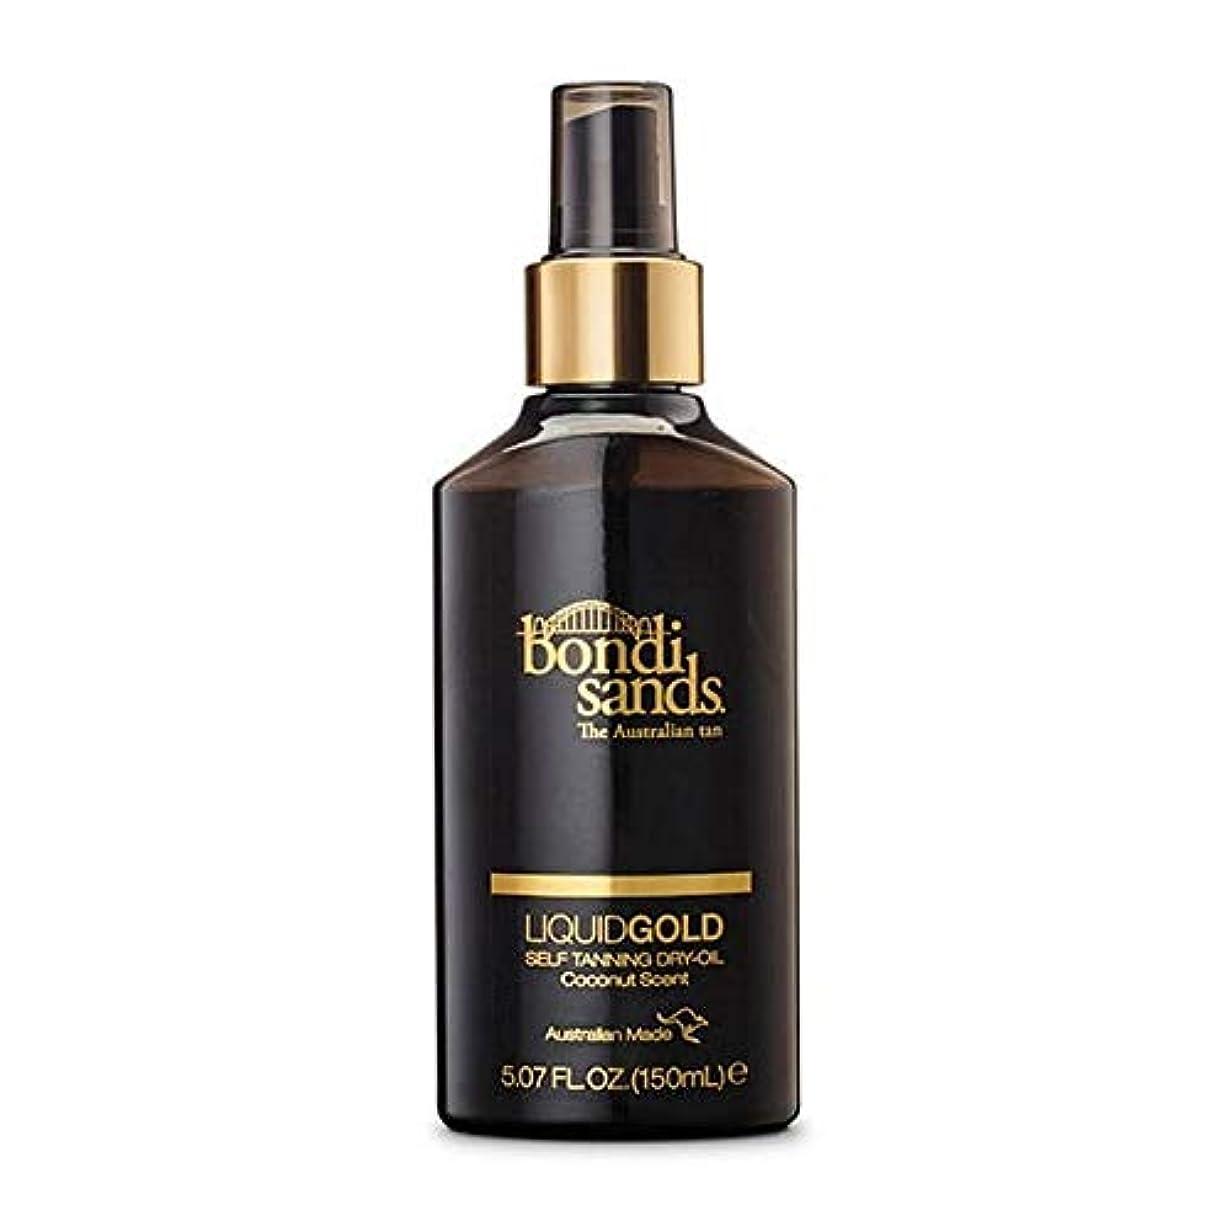 忘れる飽和する行政[Bondi Sands ] ボンダイ砂液体金褐色のオイル150ミリリットル - Bondi Sands Liquid Gold Tan Oil 150ml [並行輸入品]